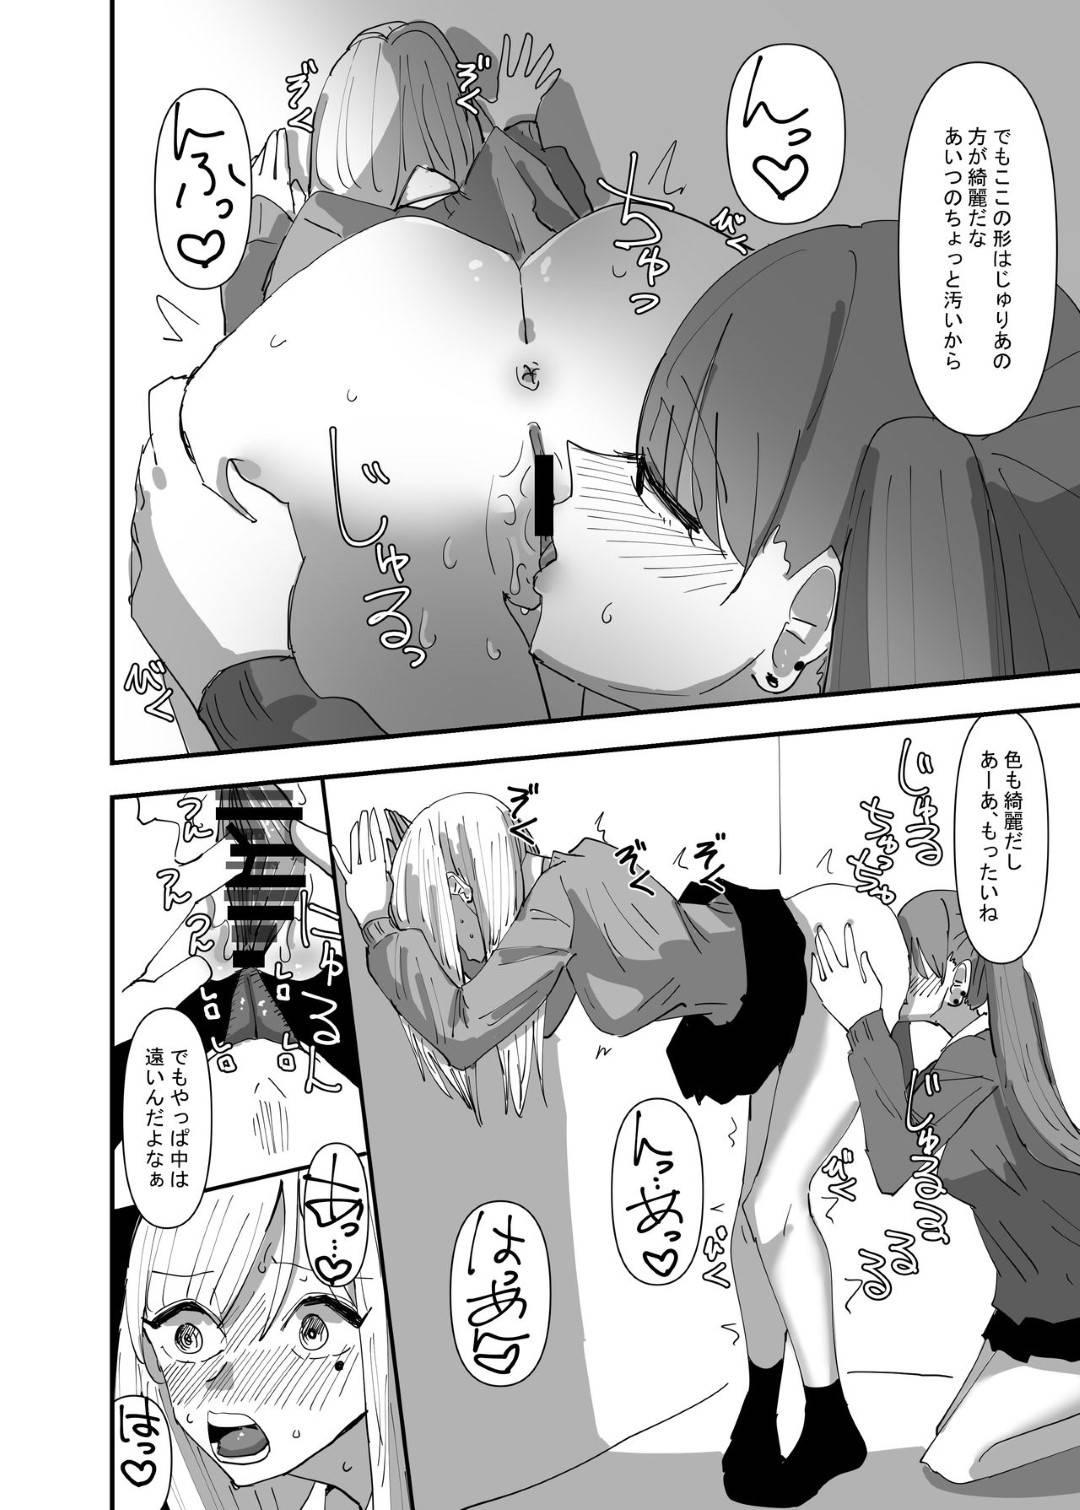 【エロ漫画】ひょんなきっかけからレズセックスする関係となったJK達…放課後に家へと集まった二人はクンニや手マン、レズキスなどお互いをペッティングし合ってイカせ合う。【アウェイ田:百合、咲き乱れる2】